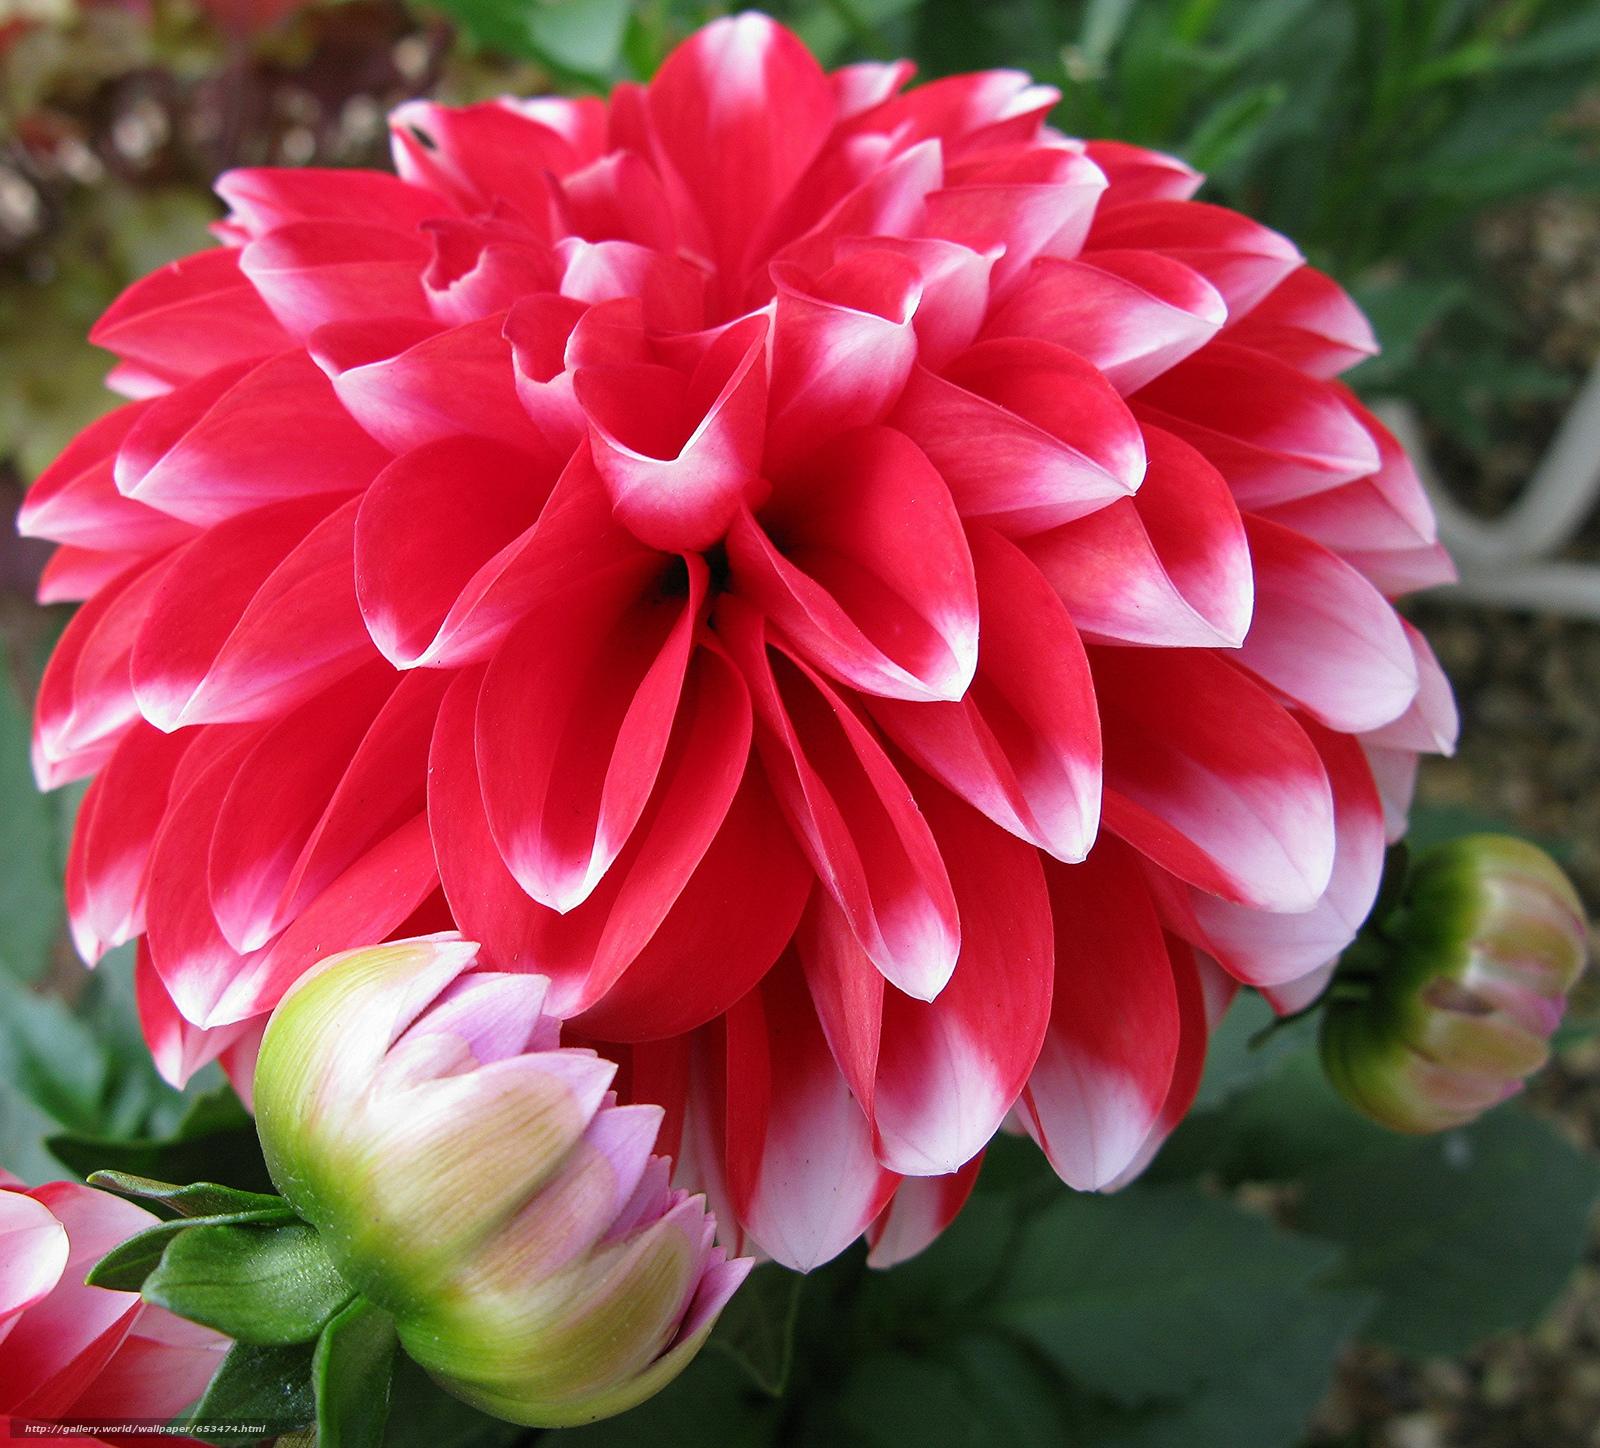 Скачать обои георгин,  цветы,  цветок,  макро бесплатно для рабочего стола в разрешении 2048x1854 — картинка №653474